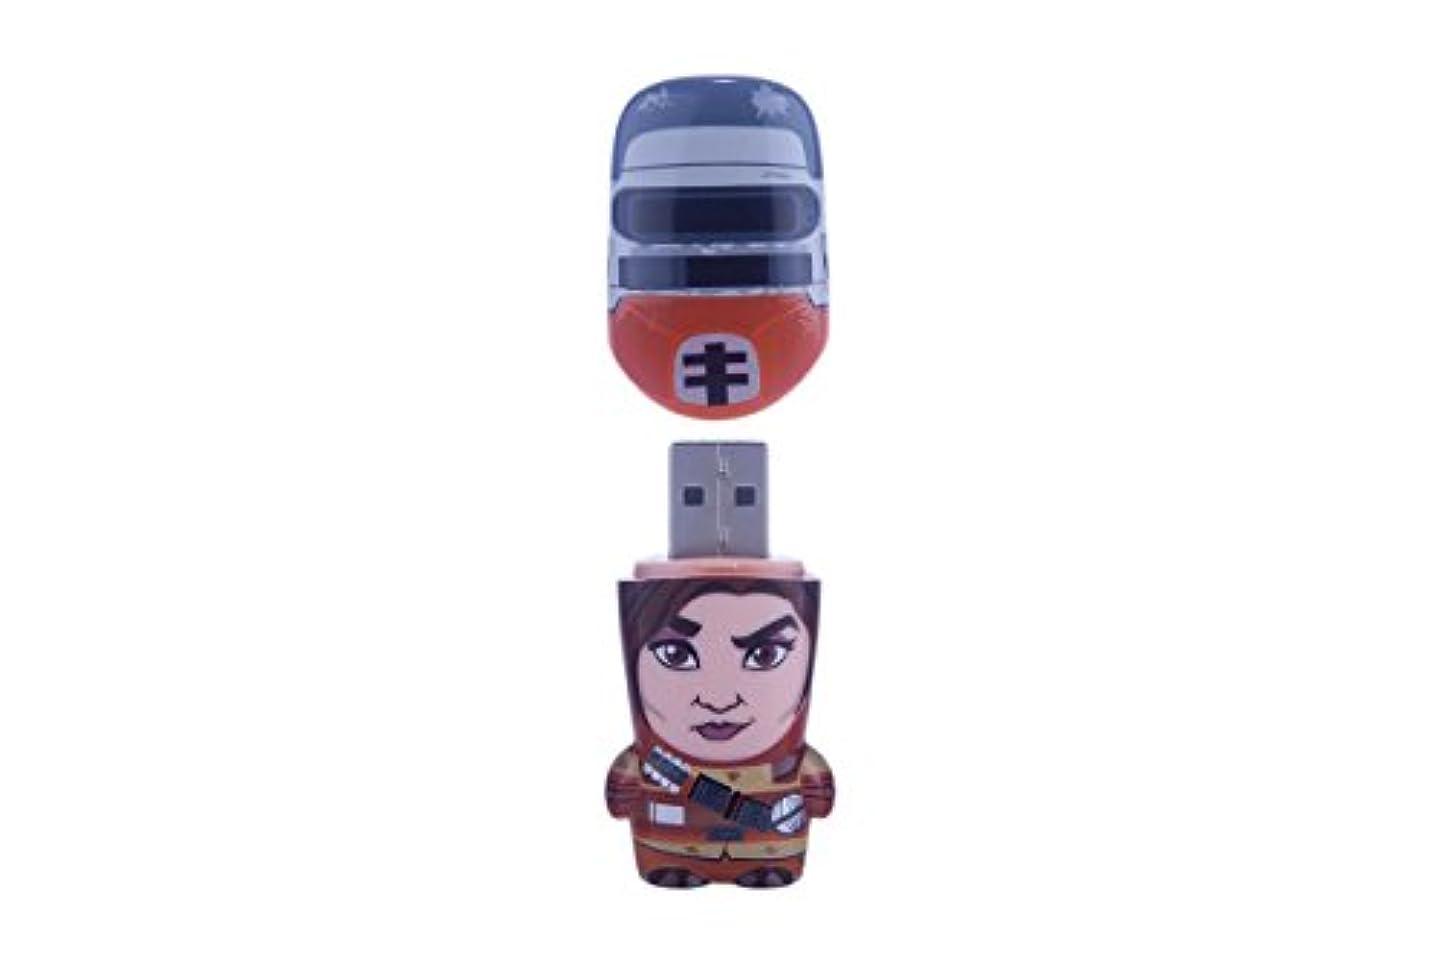 聖歌苦味感謝祭スターウォーズ MIMOBOT(ミモボット) レイア?ブーシ X MIMOBOT 4G USBメモリー